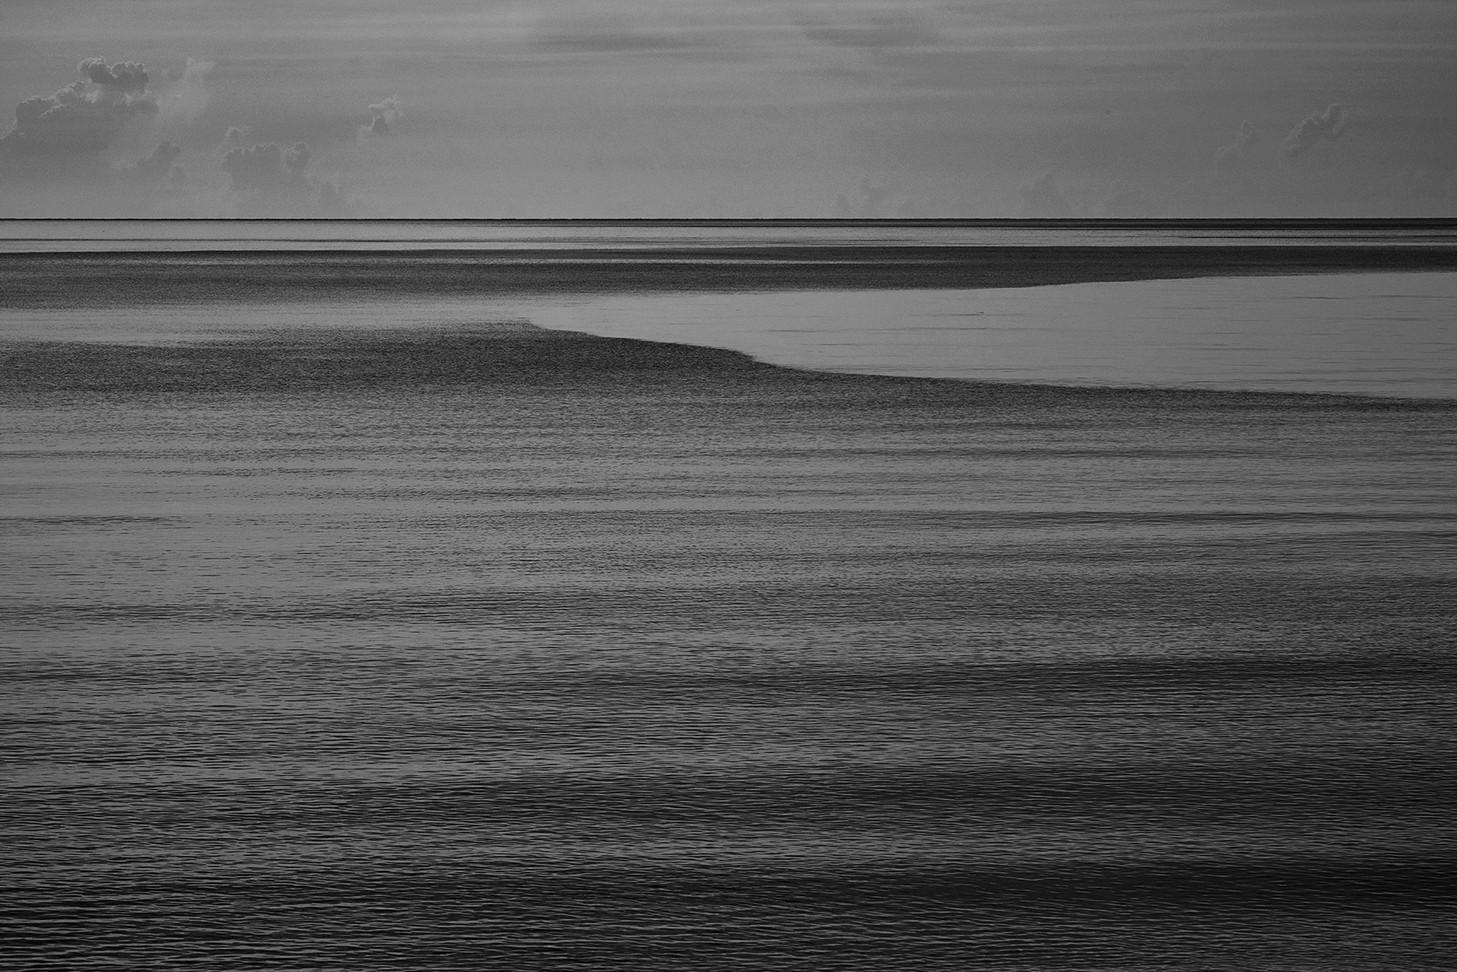 The calm sea, Hua Hin, Prachuap Khiri Khan, Thailand